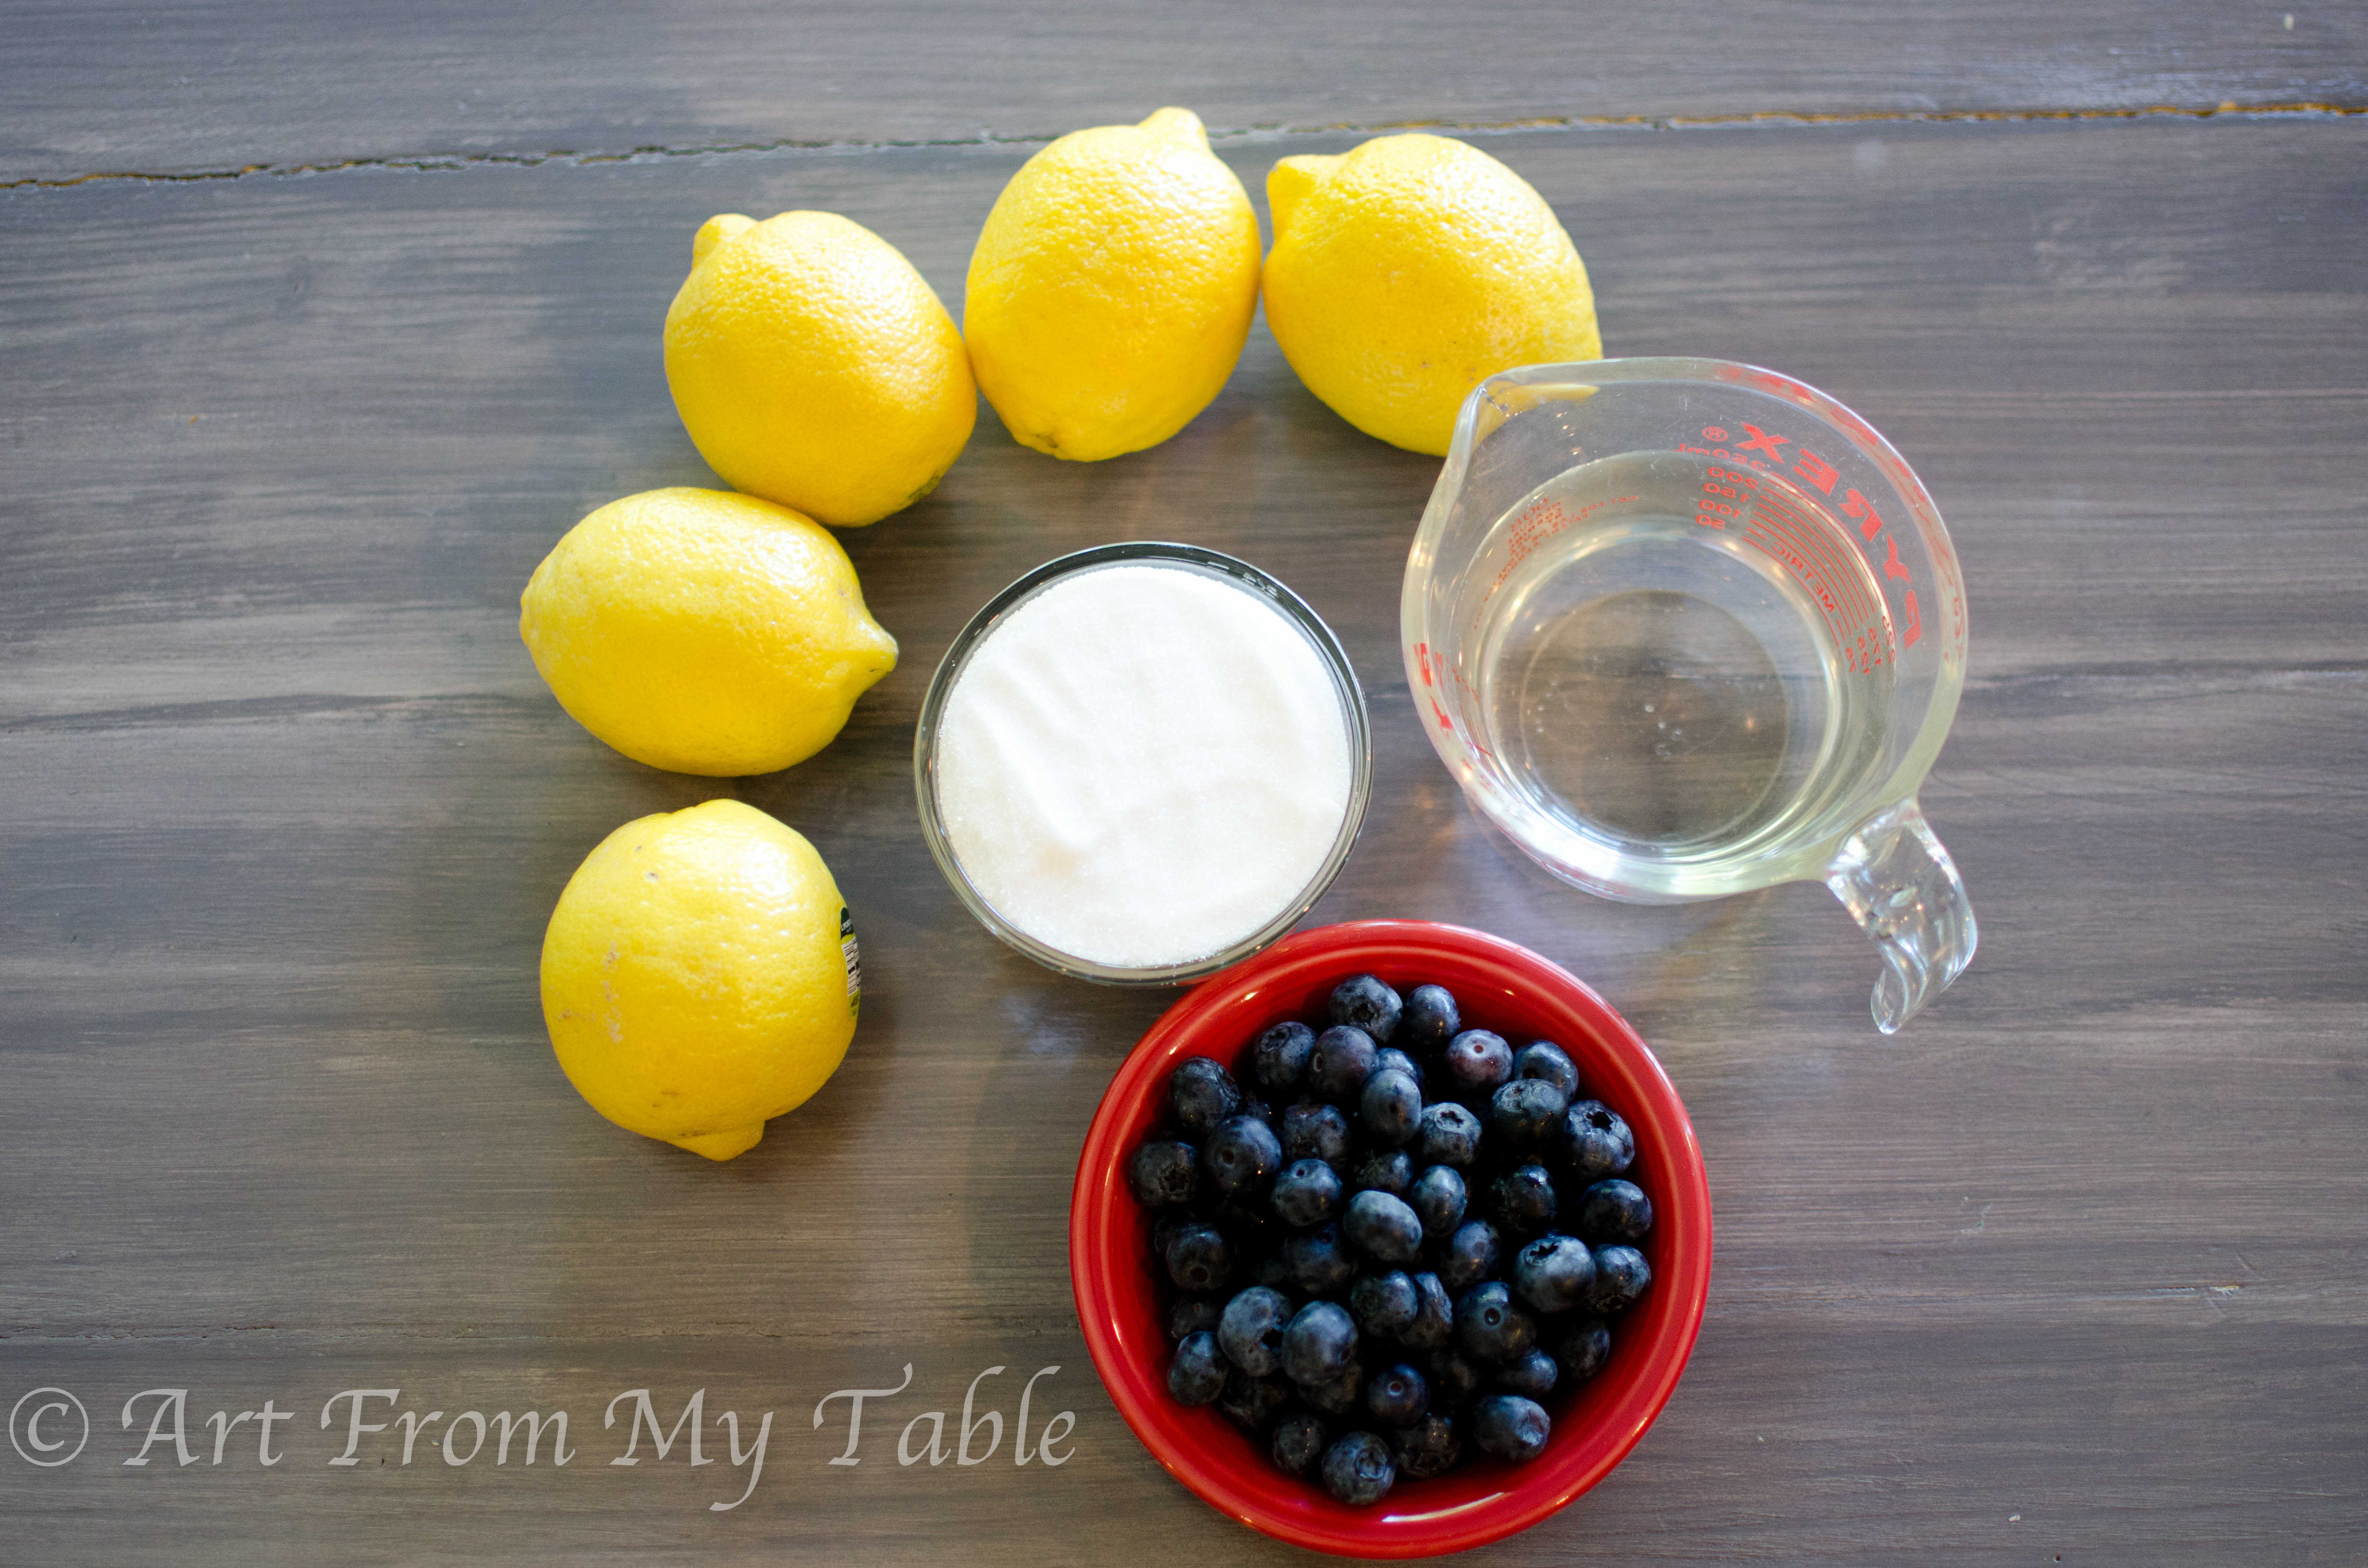 Ingredients for blueberry lemonade: lemons, sugar, water, blueberries.